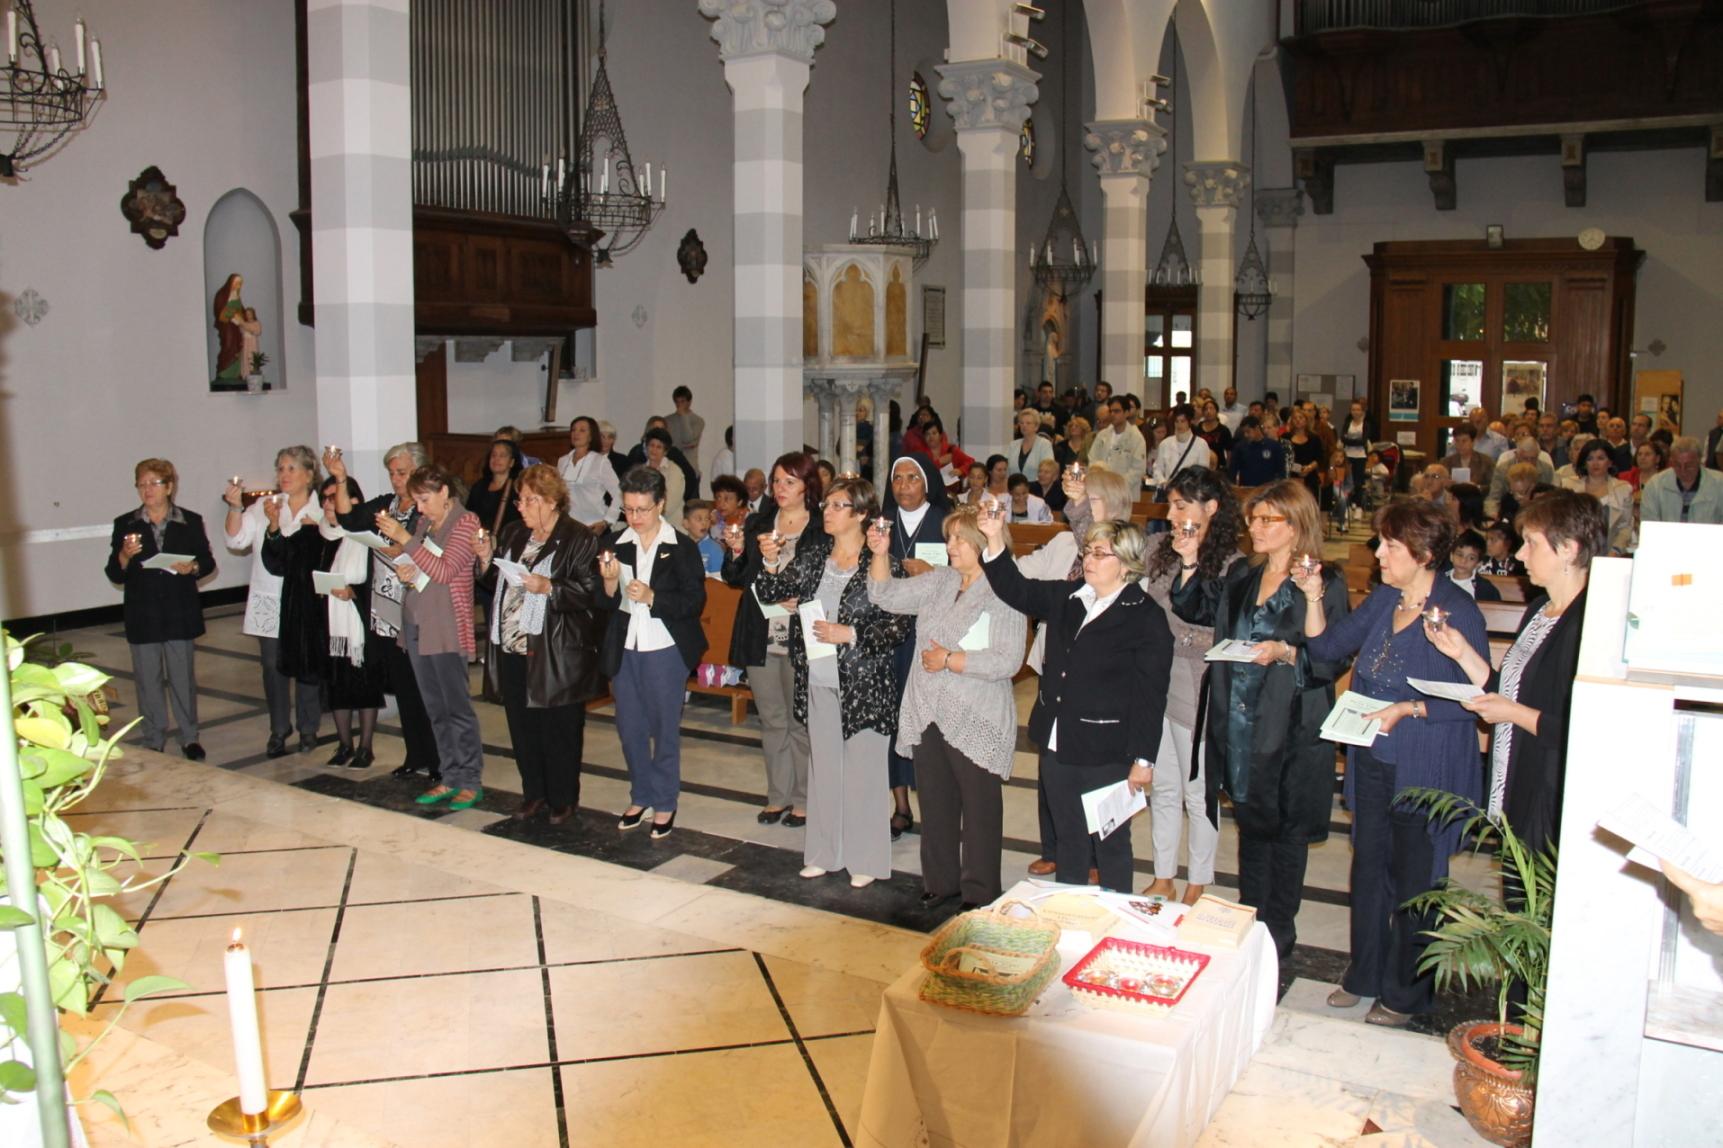 inaugurazione_anno_catechistico_e_anno_della_fede_2012-10-07-11-32-30